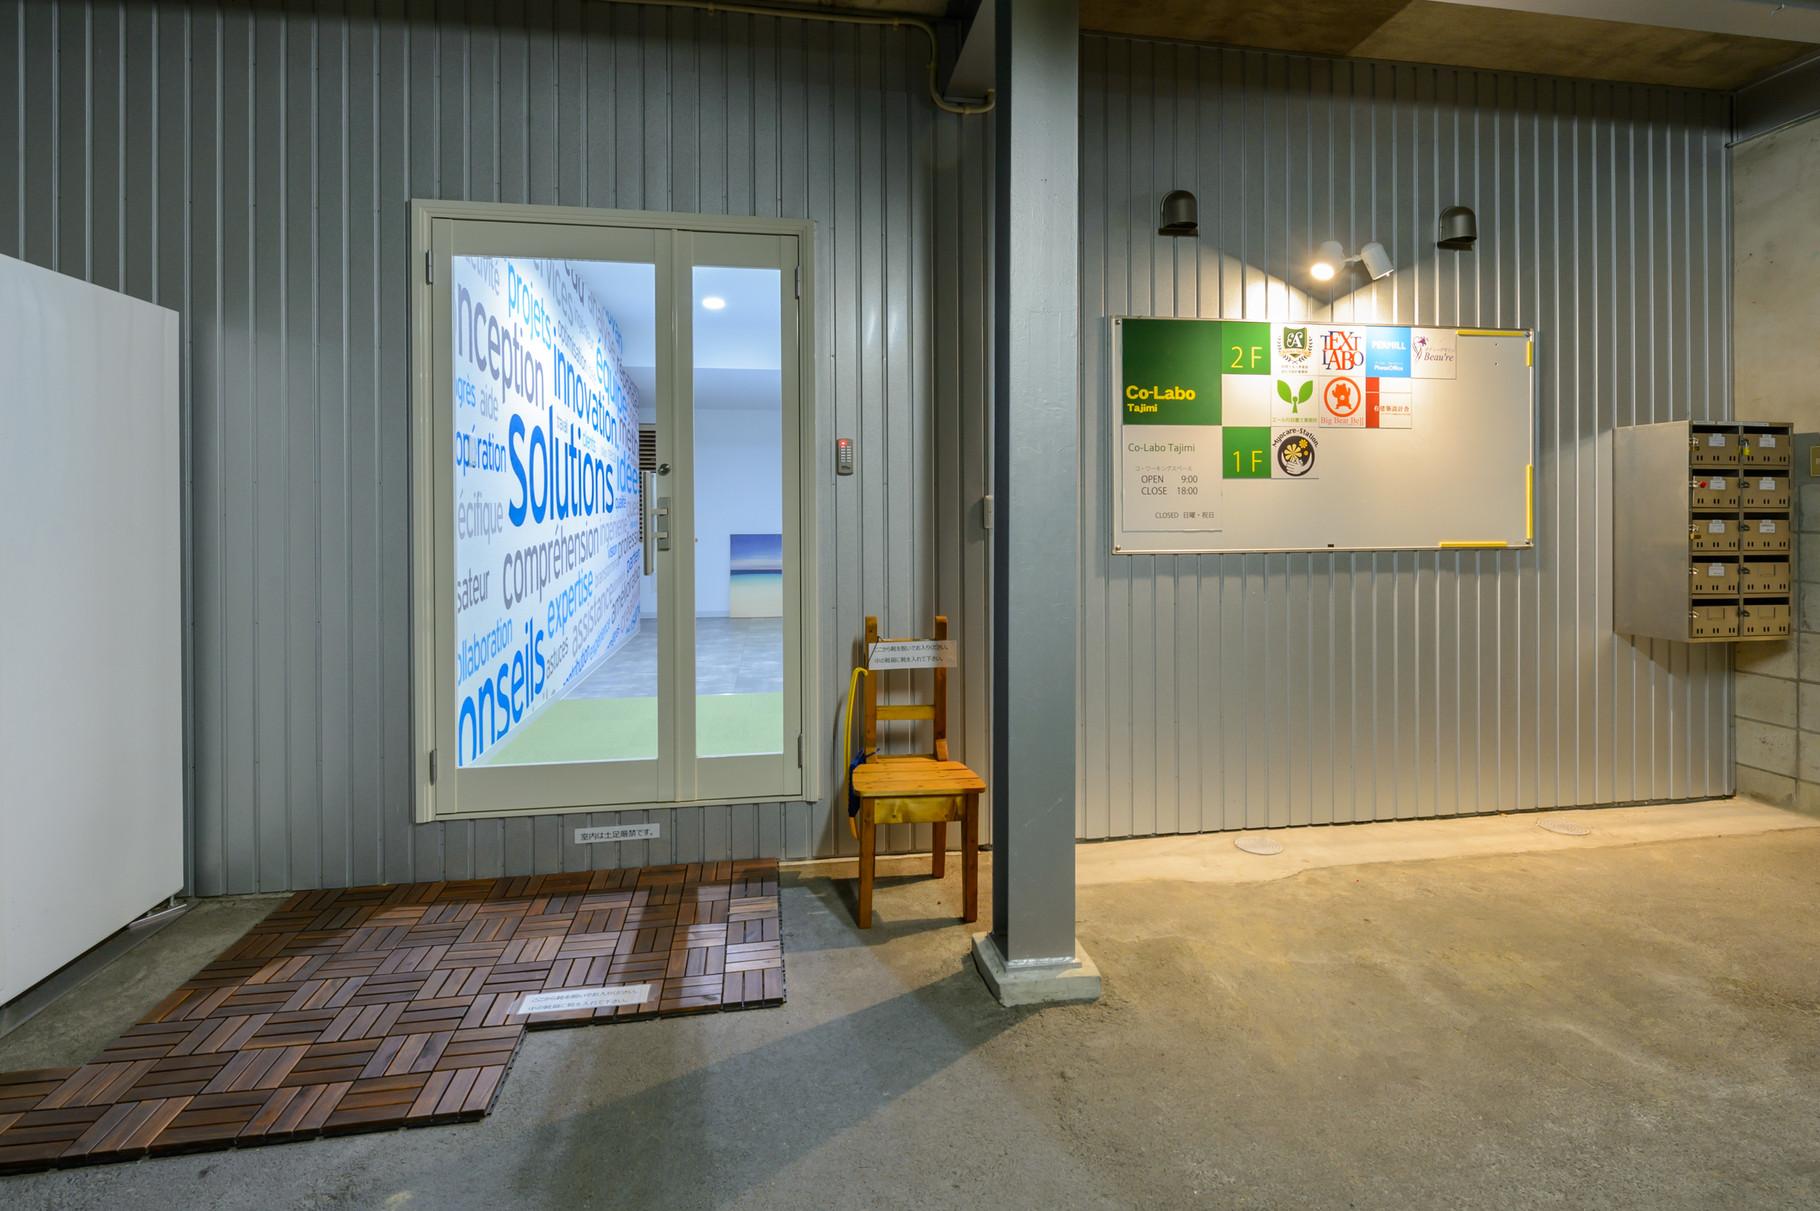 オフィススペースへの入口の夜景。このドアからお入り頂けます。